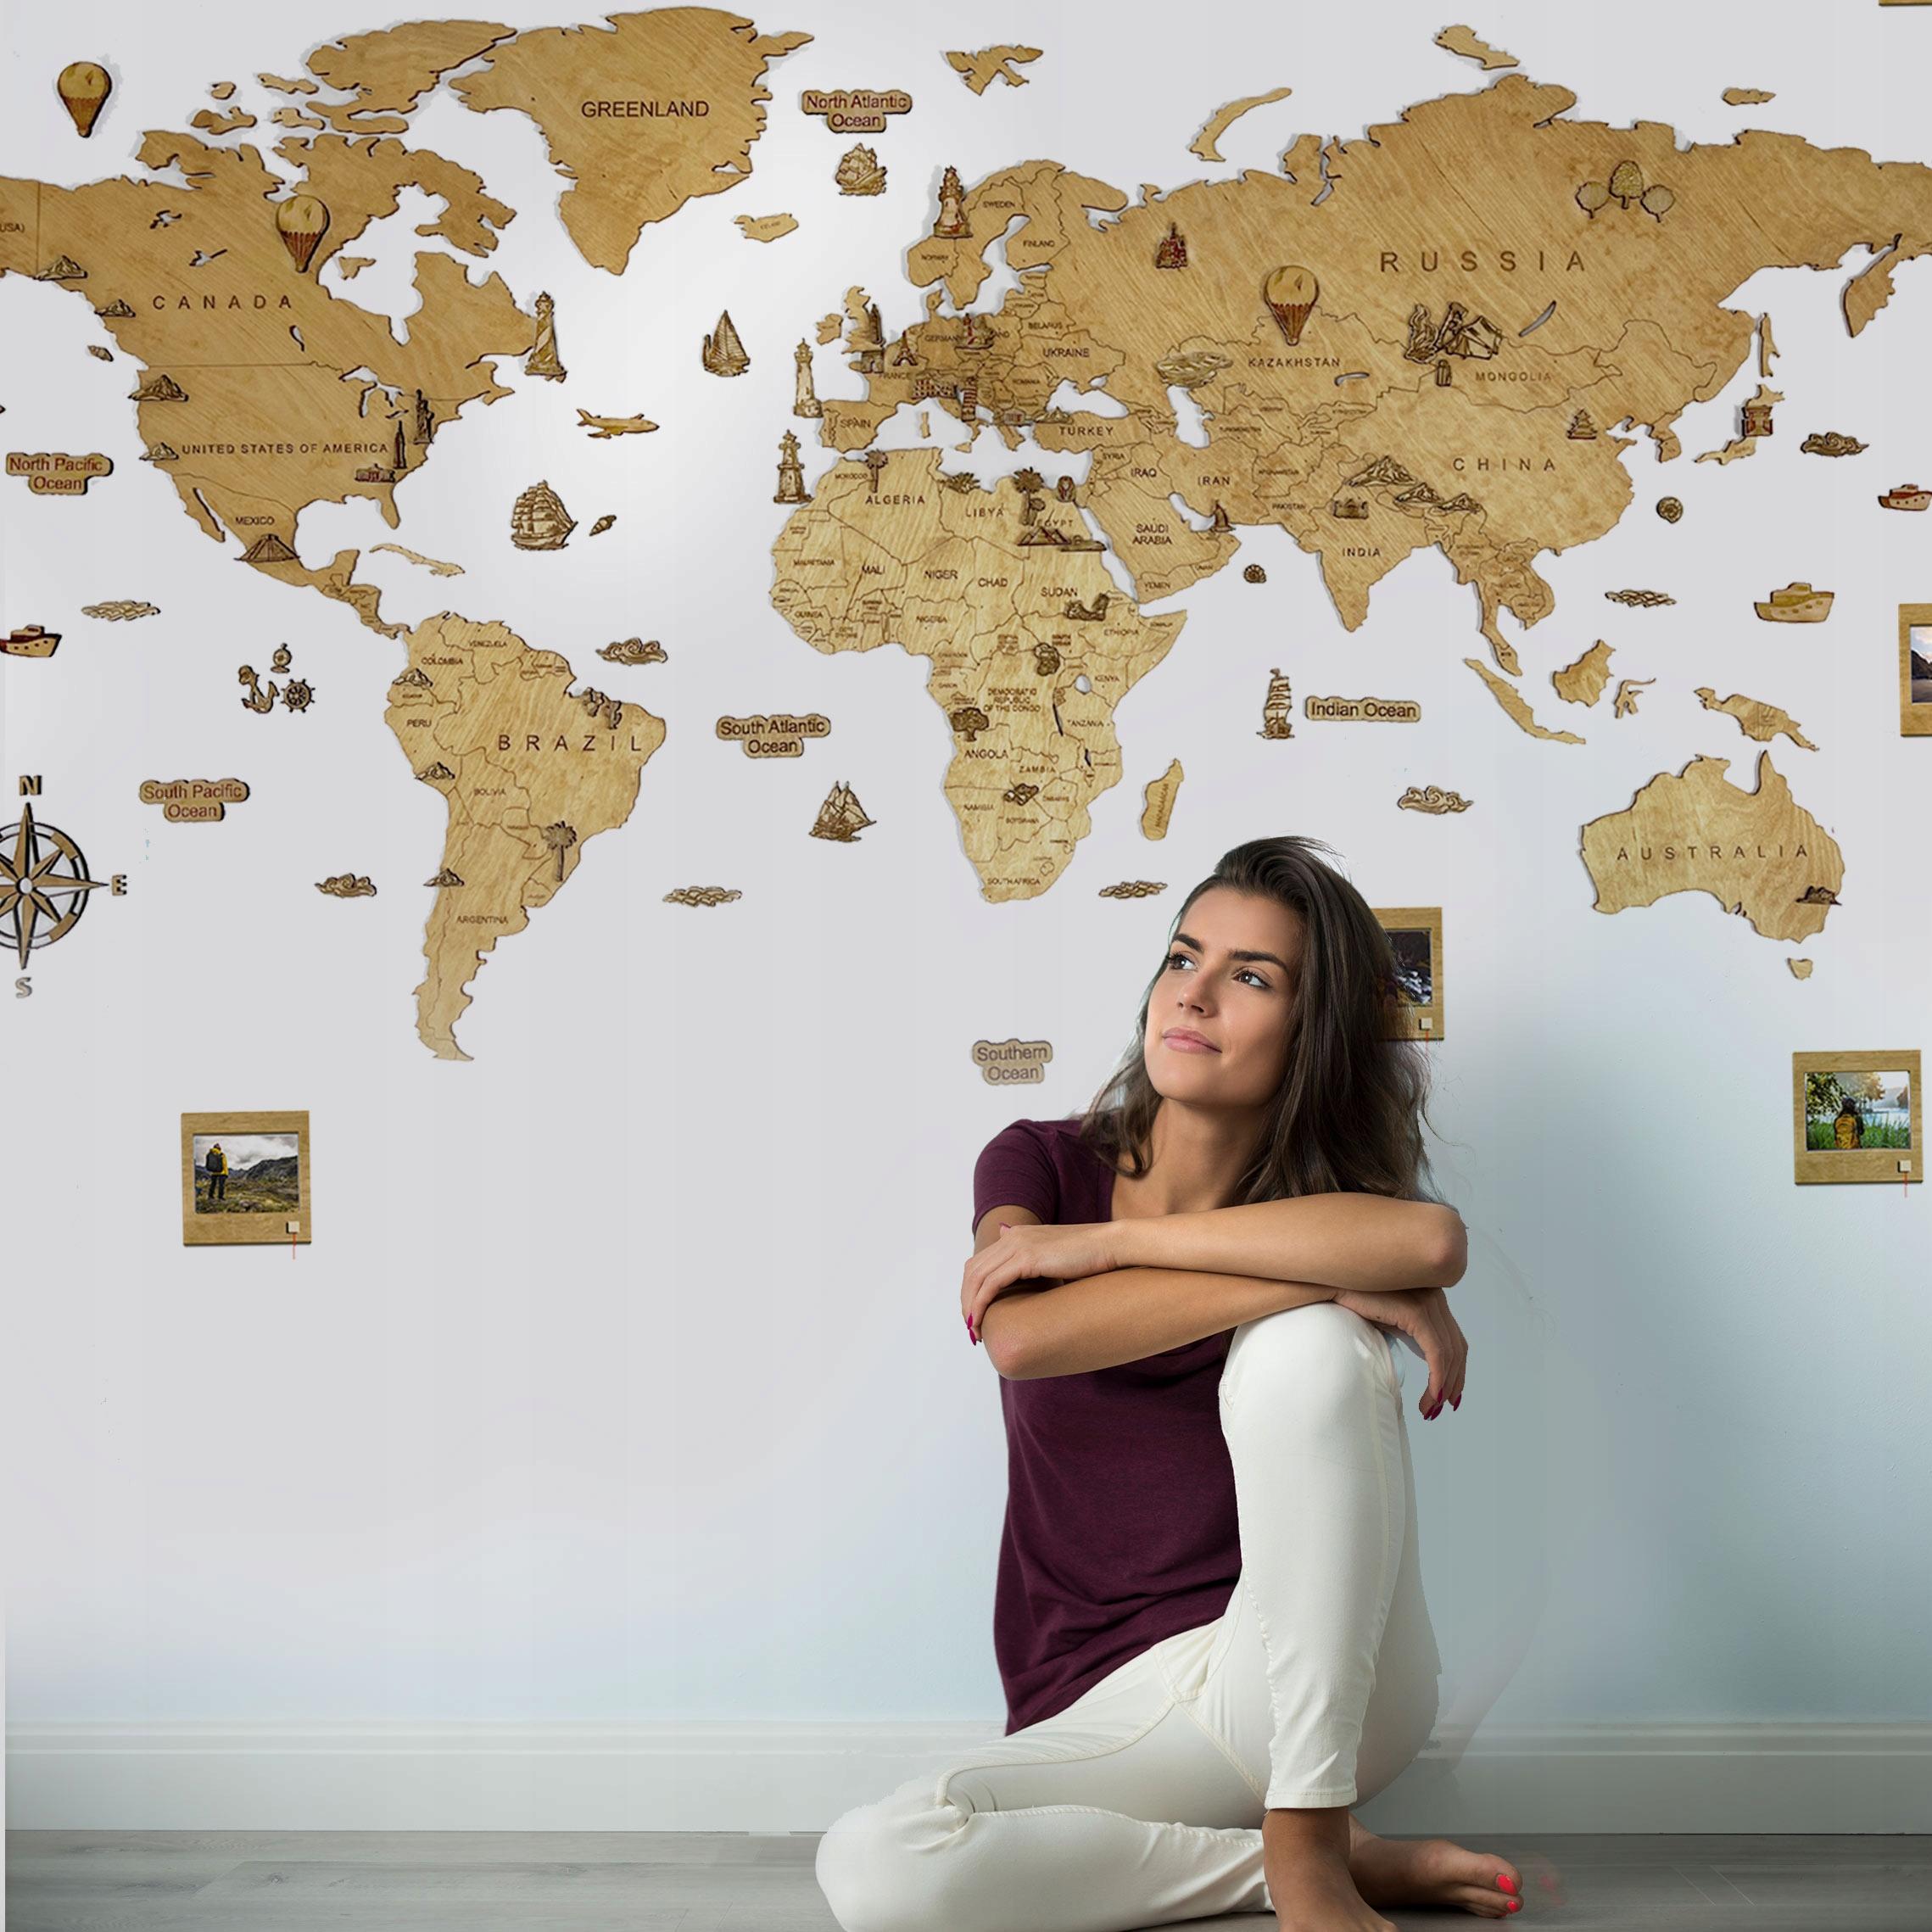 Деревянная карта мира Подарок на день рождения для нее